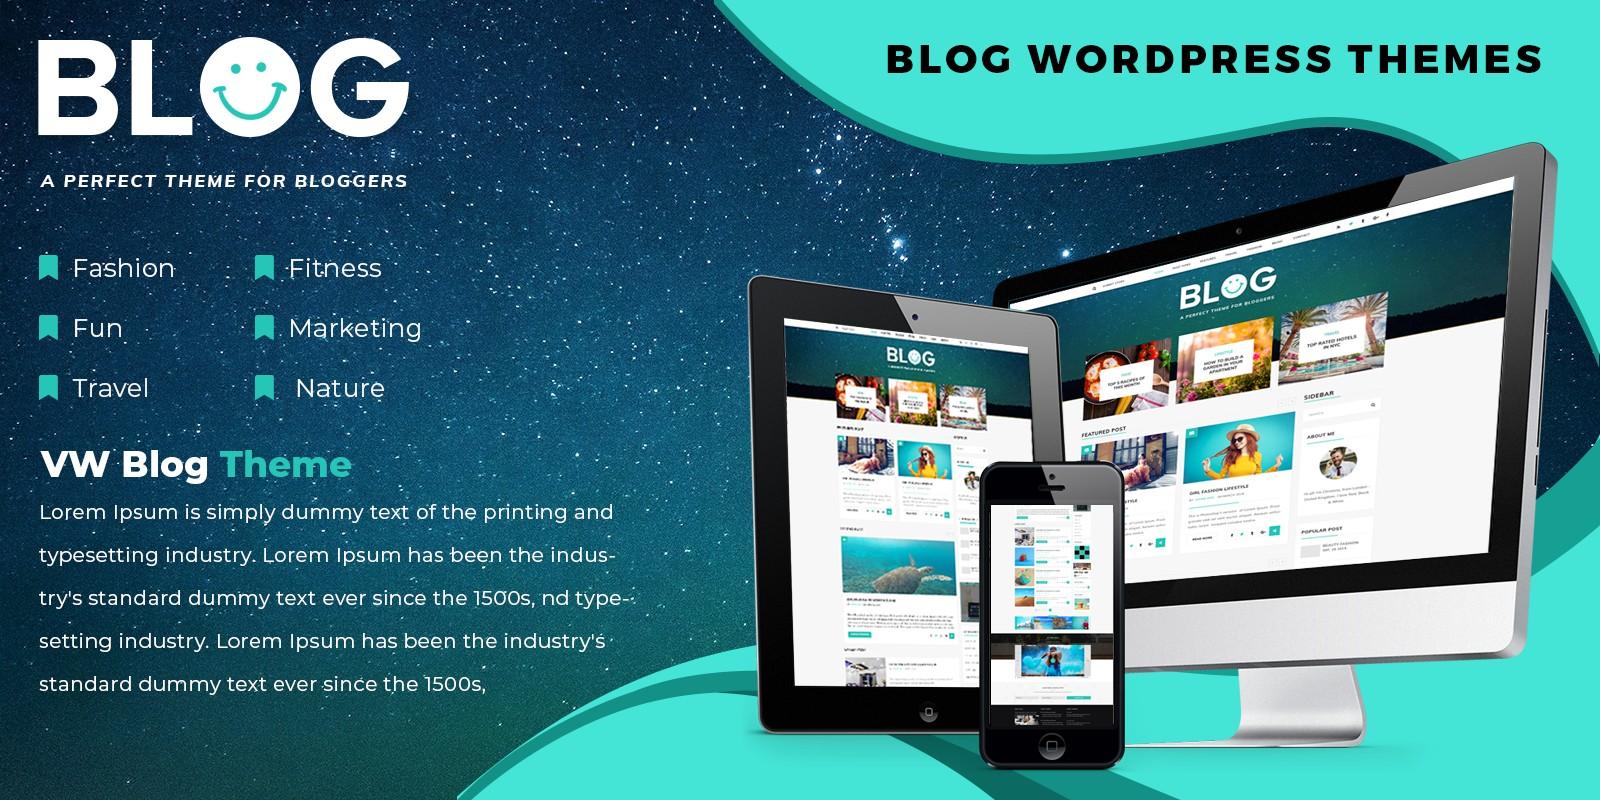 VW Blog Pro - WordPress Theme